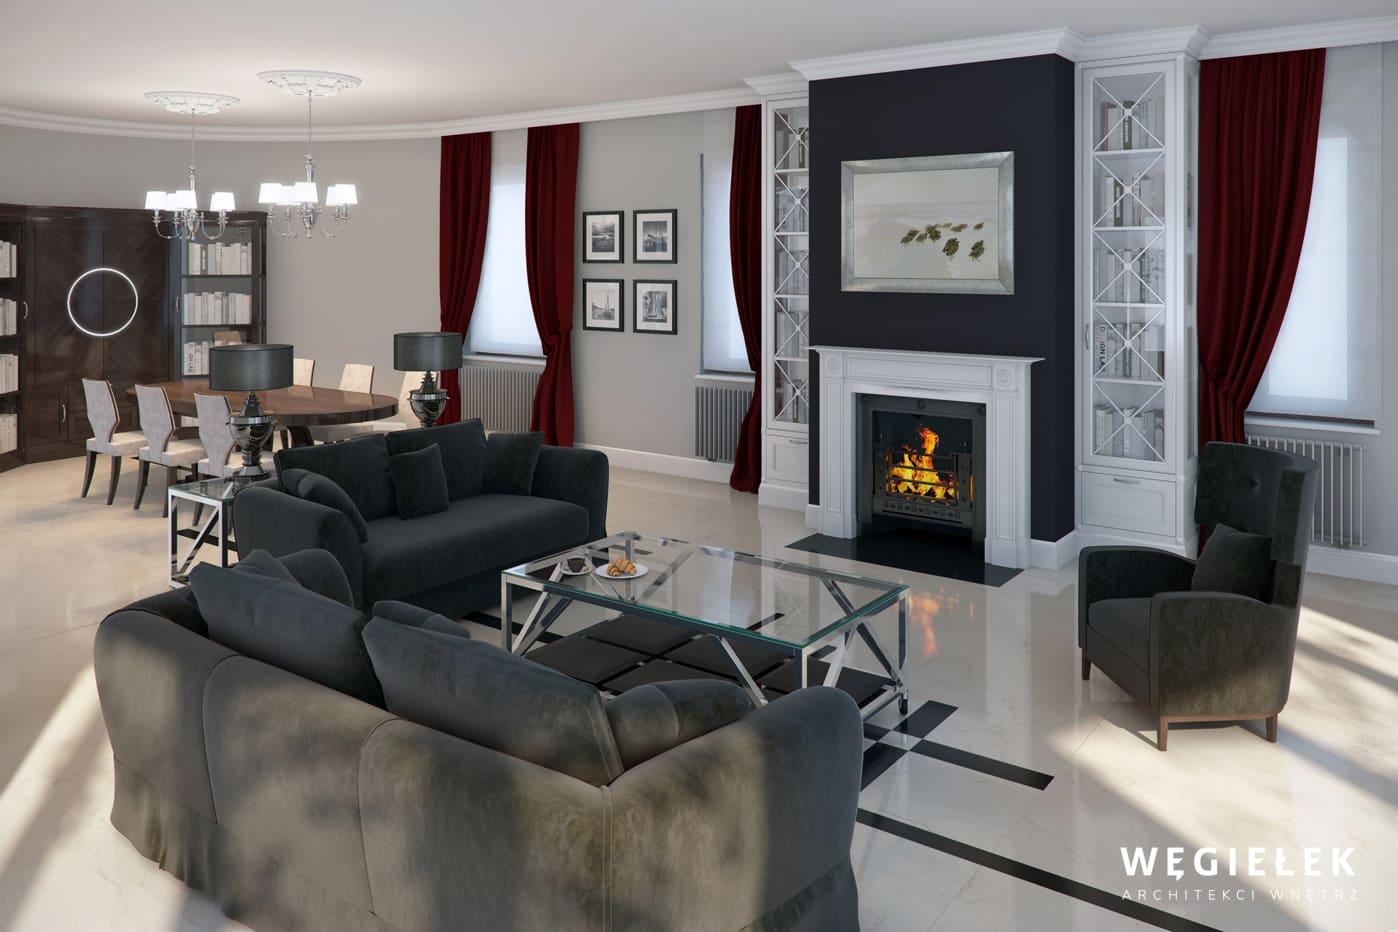 W klasycznym salonie nie może zabraknąć kominka i miejsca do siedzenia wokół niego. To wszystko znajdziemy w projekcie mieszkania architekta z Warszawy.